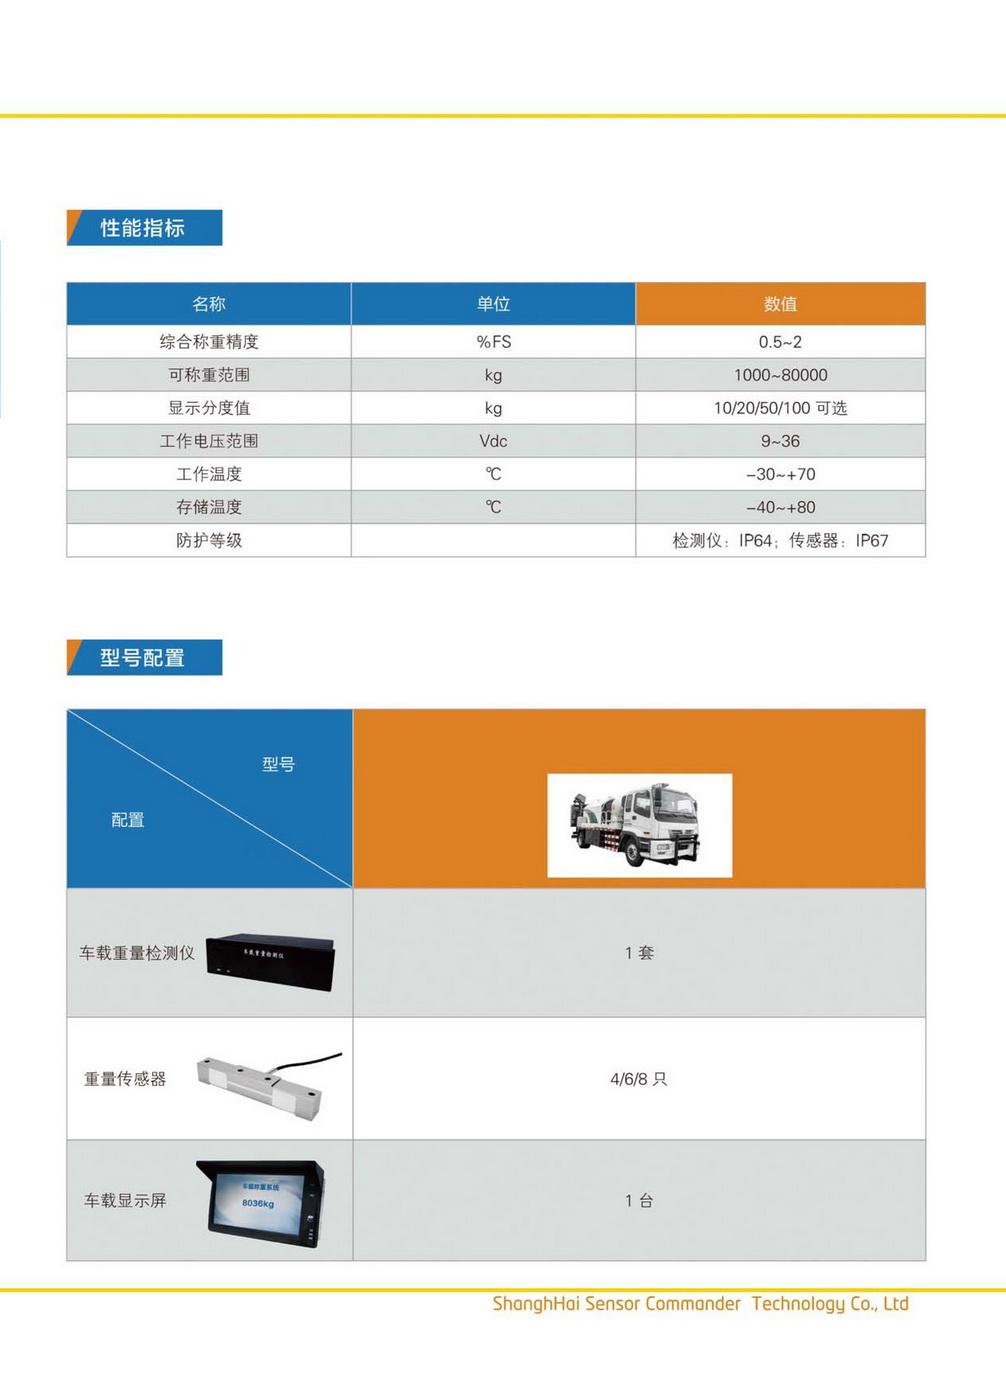 尚测科技产品选型手册 V1.3_页面_88_调整大小.jpg